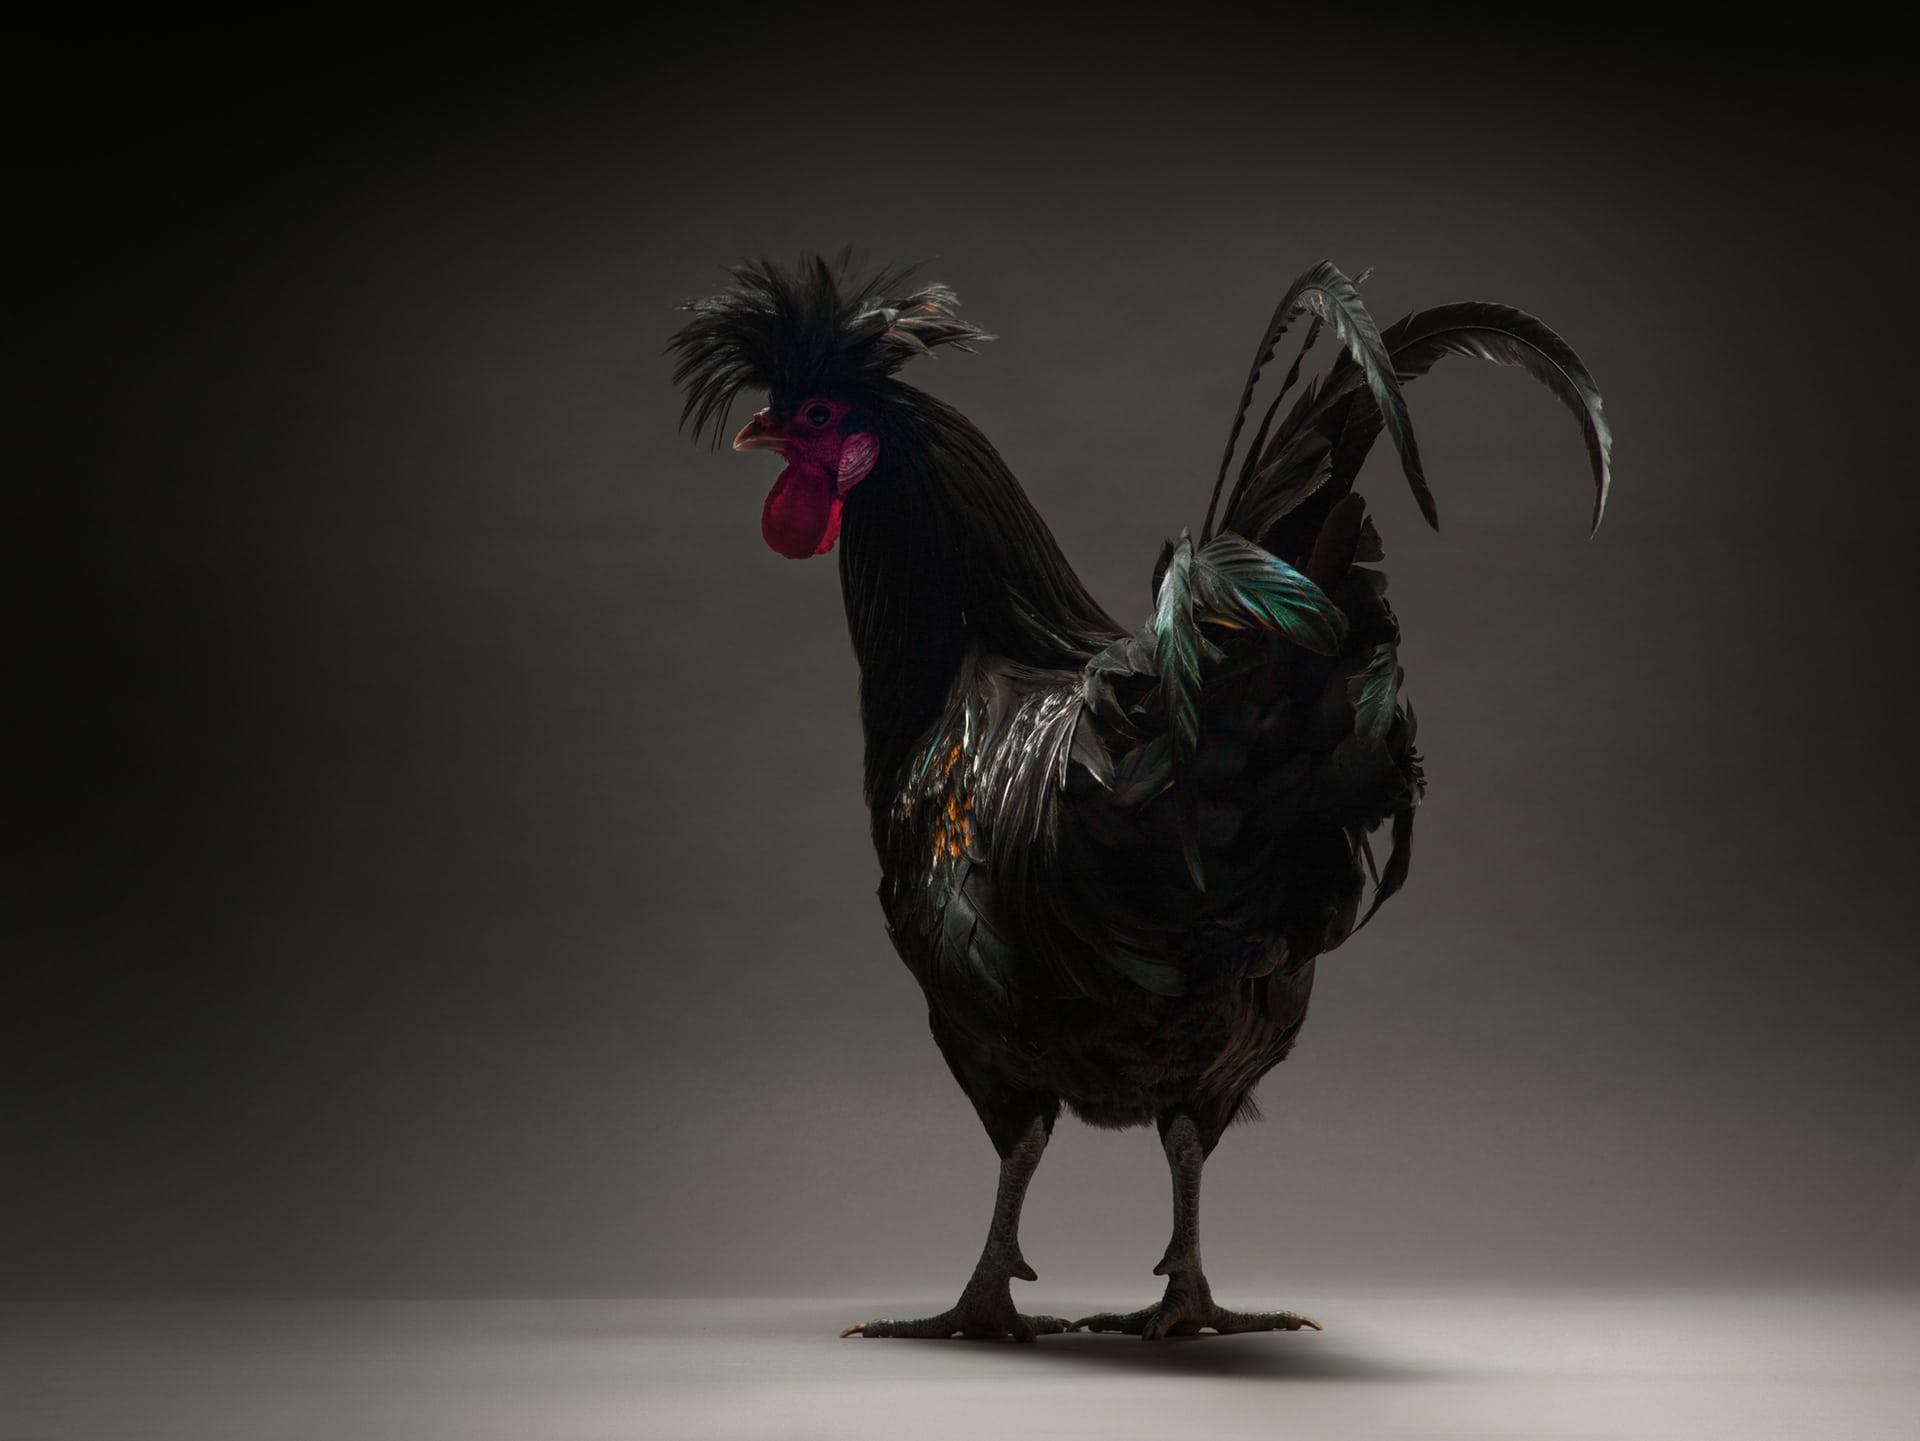 Коллекция кур. Фото М. Монти и М. Транчеллини